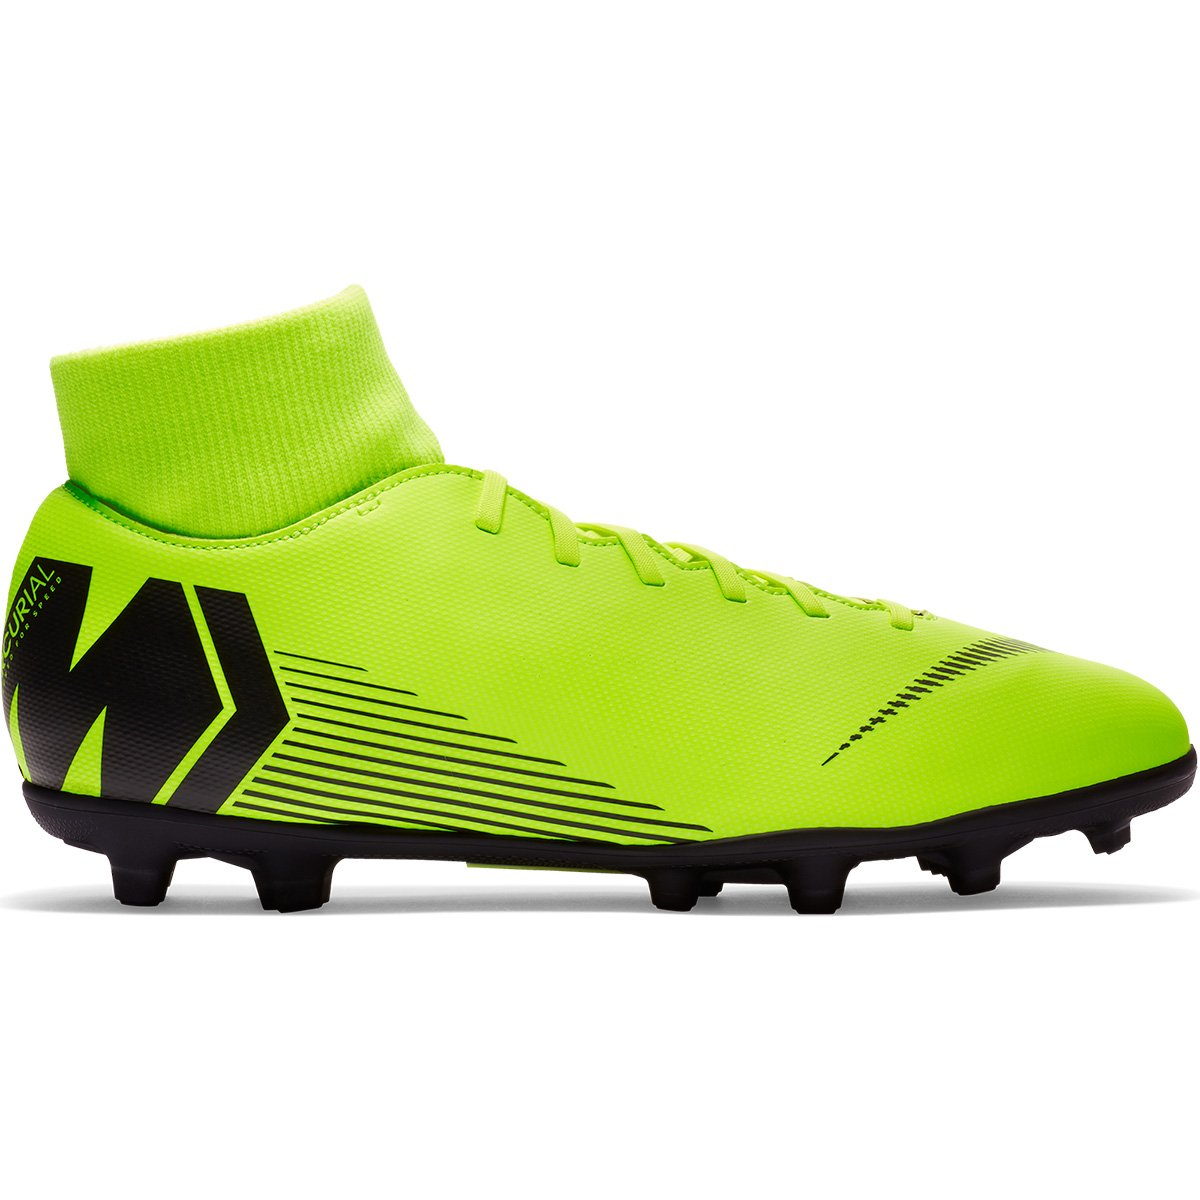 Amplie a imagem. Chuteira Campo Nike Mercurial Superfly 6 Club  Chuteira  Campo Nike Mercurial ... 9bdb1bbd7ba89